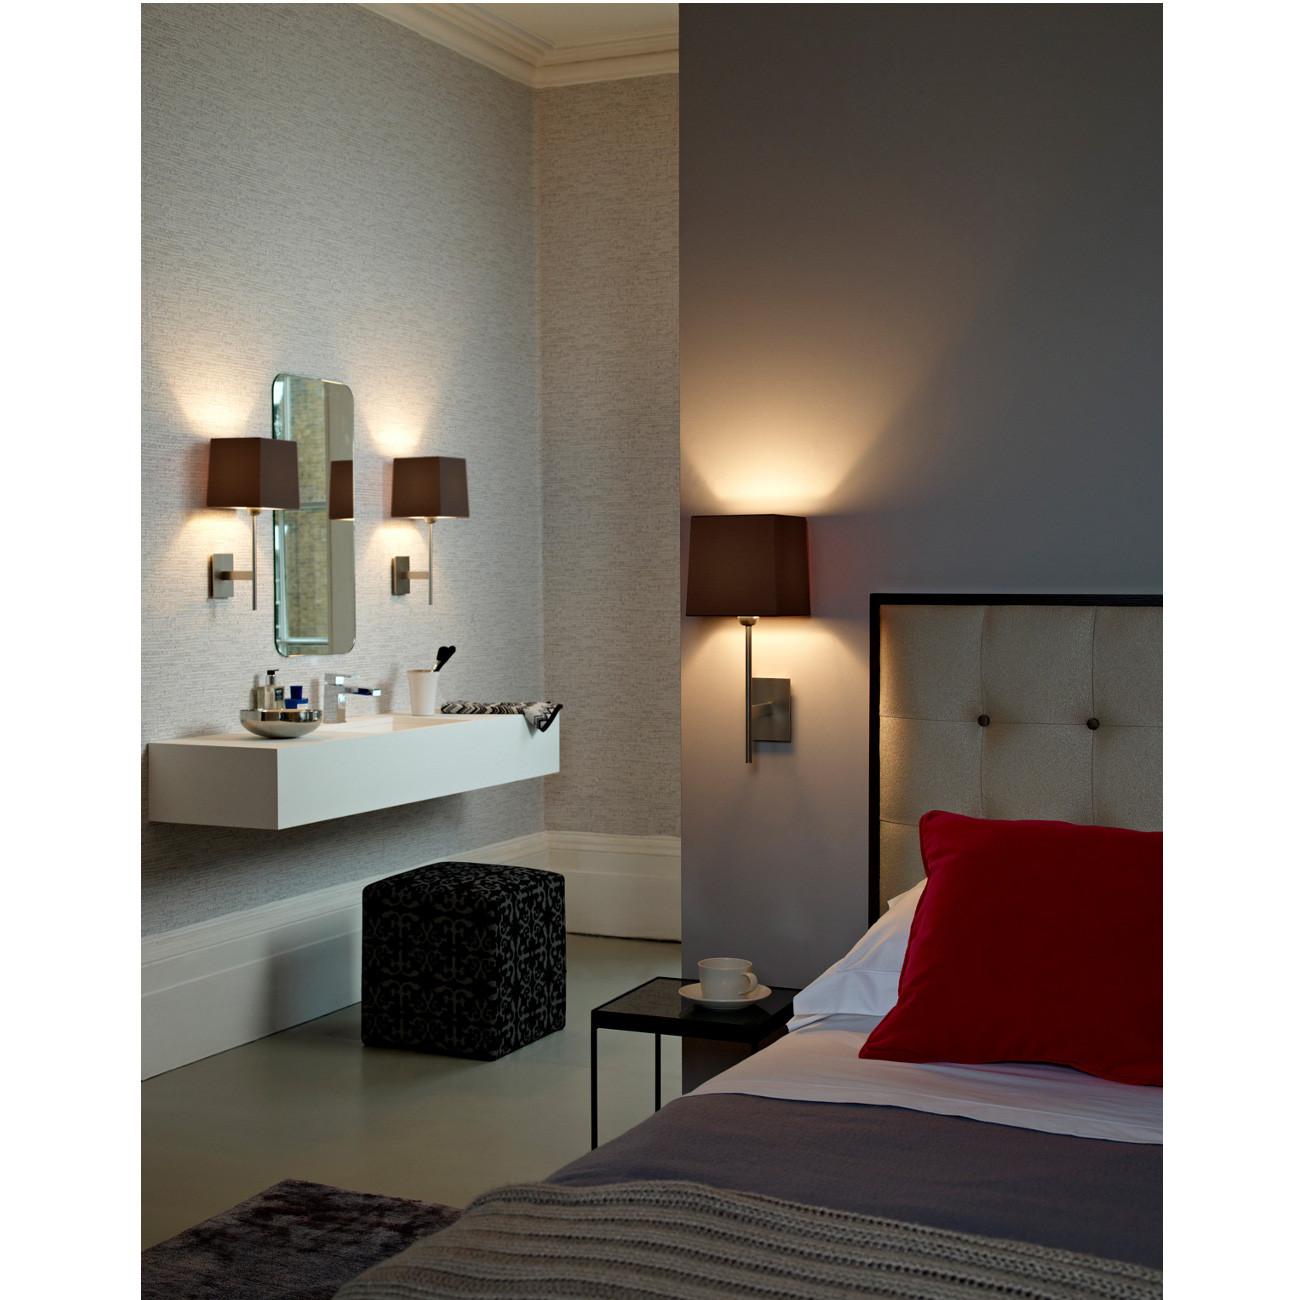 Badezimmer Wandleuchten  Wandleuchte mit eckigem Stoffschirm auch für Badezimmer